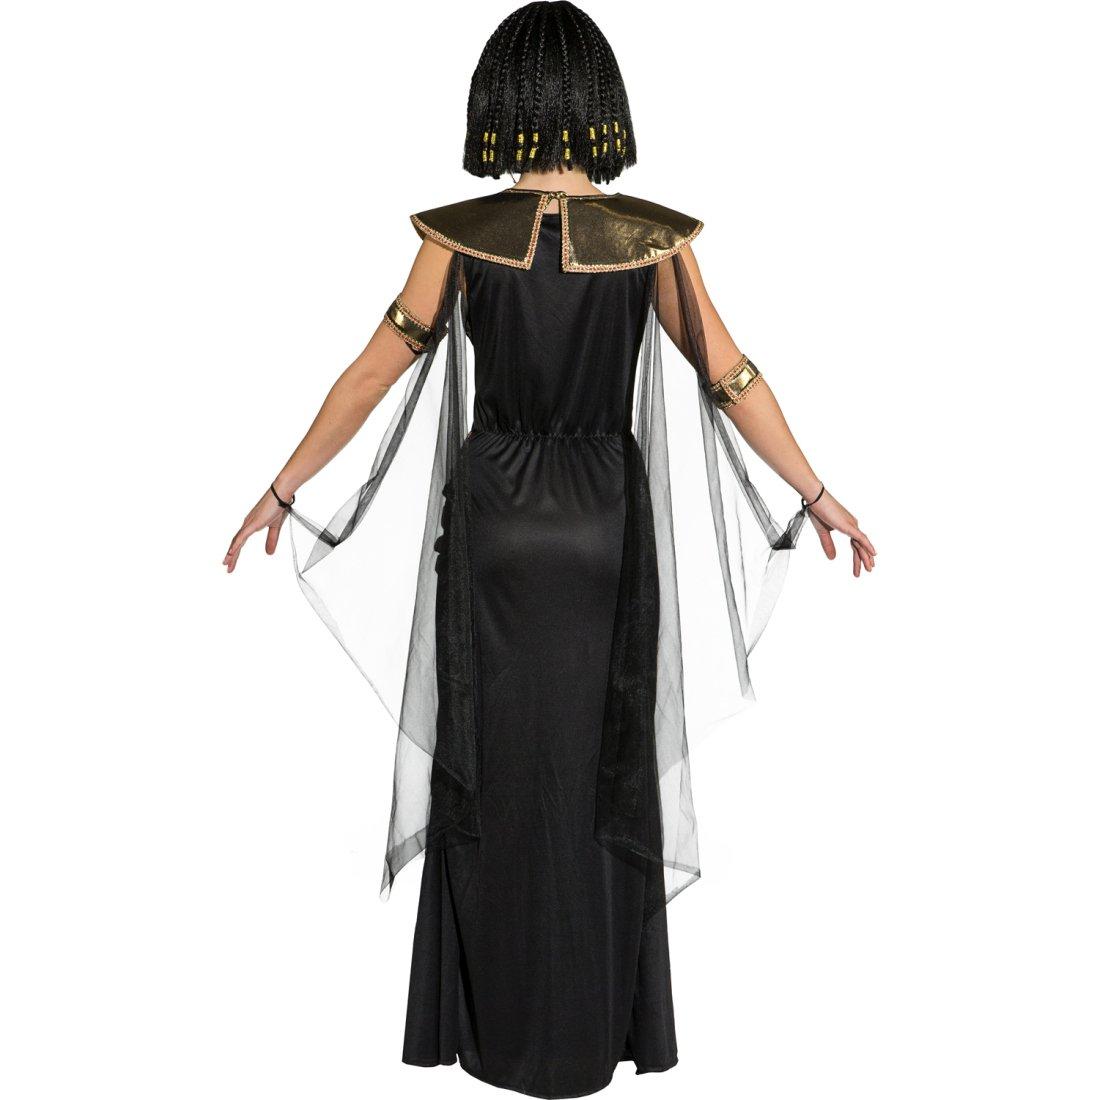 Amakando Disfraz Cleopatra Atuendo egipcia M 40/42 Caracterización ...